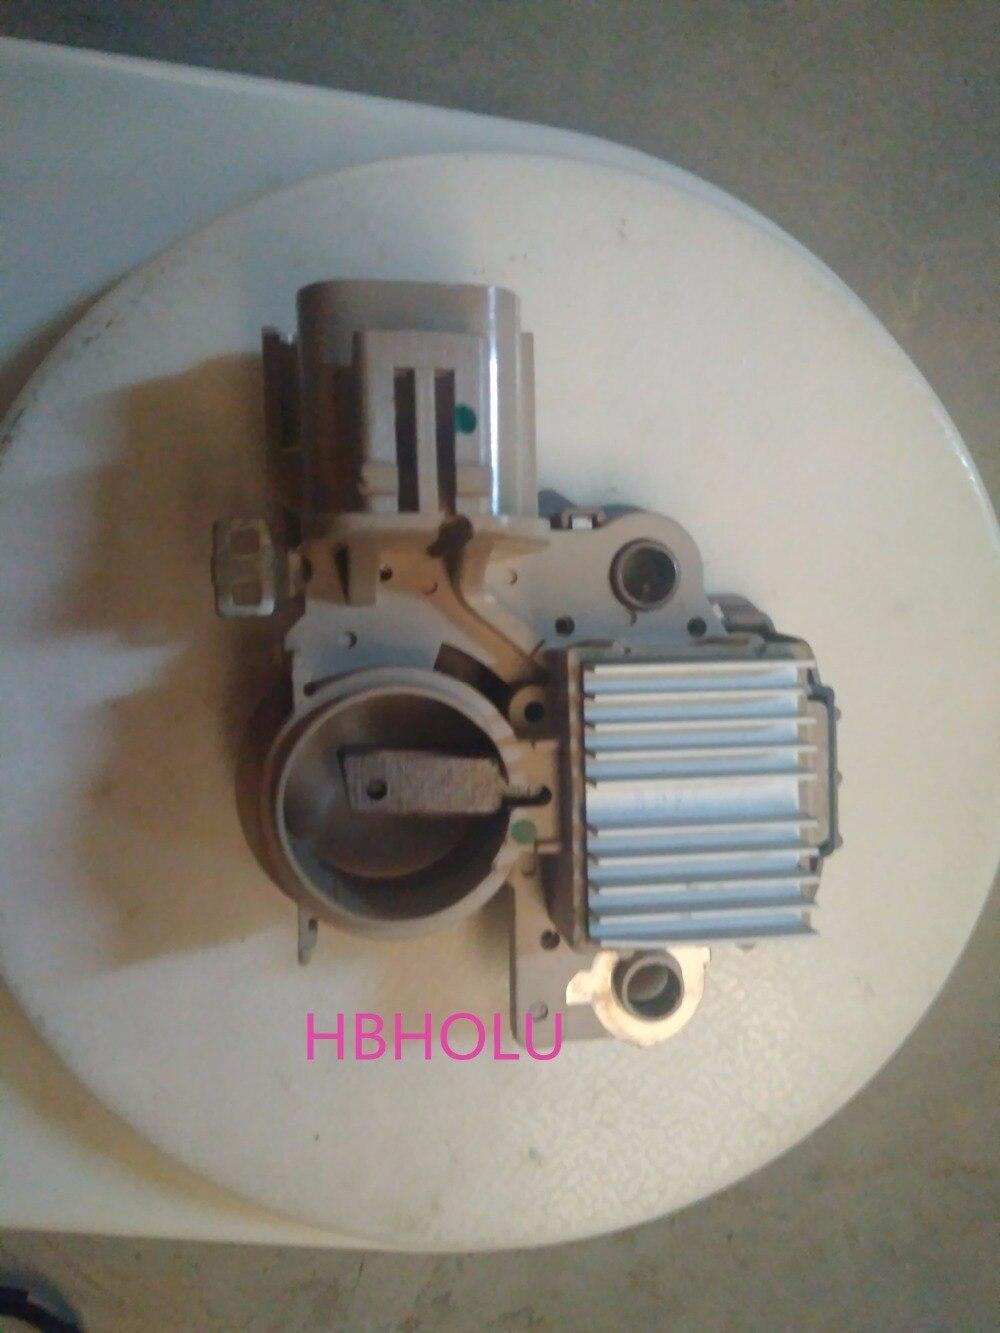 Built-in Regolatore di Tensione del Generatore di 9100571 per la Grande Muraglia ZX 4G64 4G6 Motore